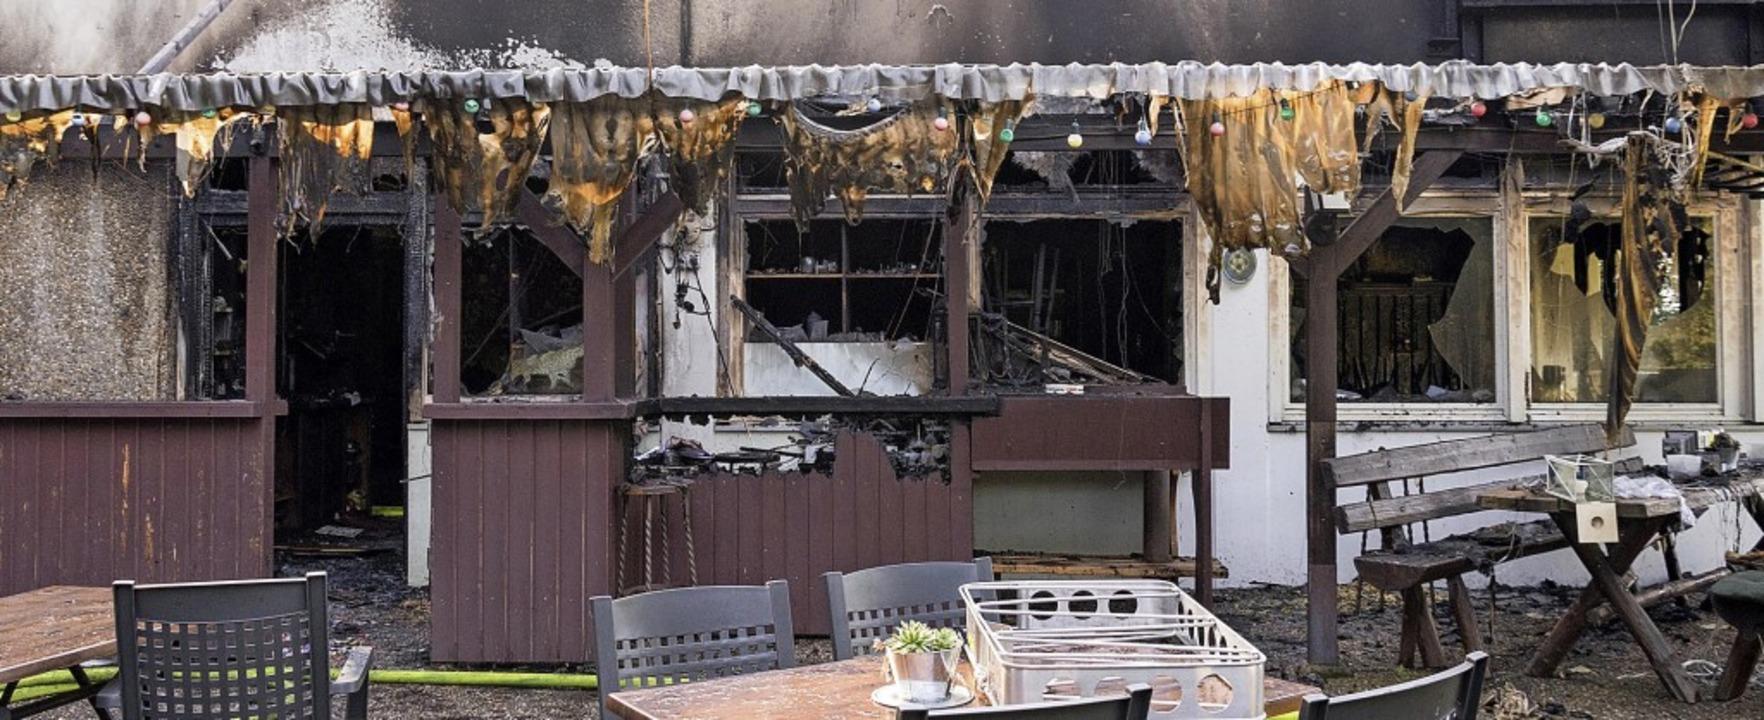 Von den Flammen zerstört: die Gaststät...nd geriet, ist bislang nicht geklärt.     Foto: Helmut Rothermel